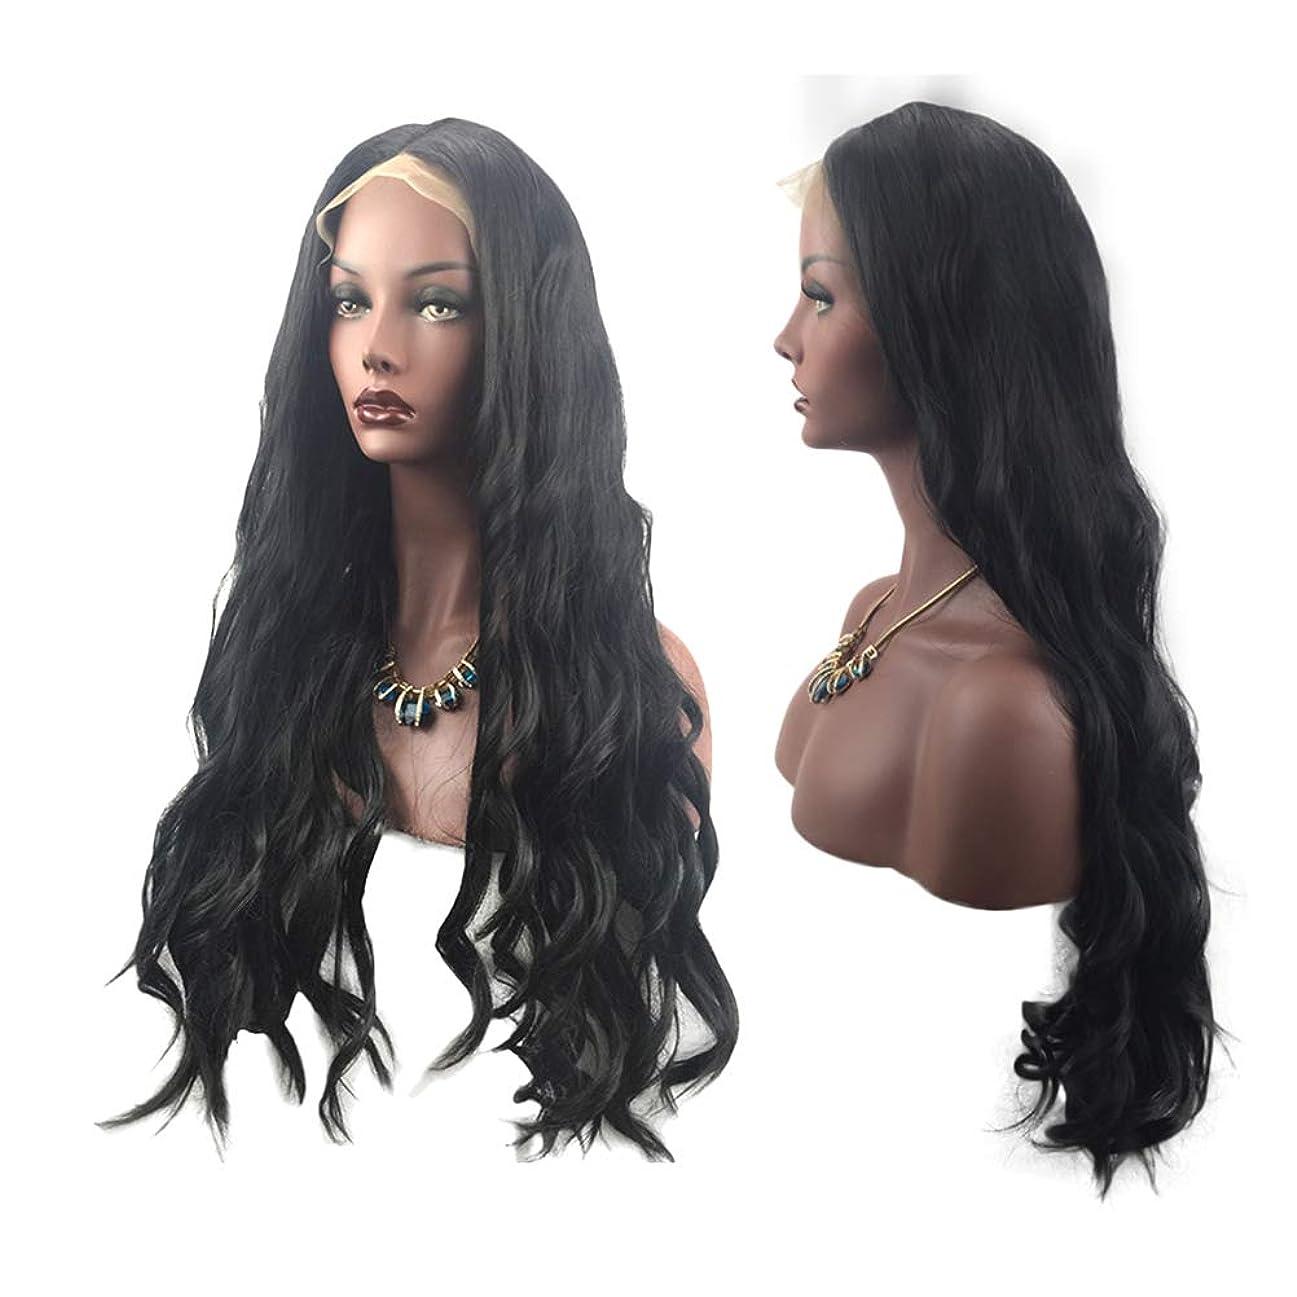 くびれた全体盗難女性の長い巻き毛のファッション髪かつら自然に見える絶妙な弾性ネットかつらカバー(LS-019)